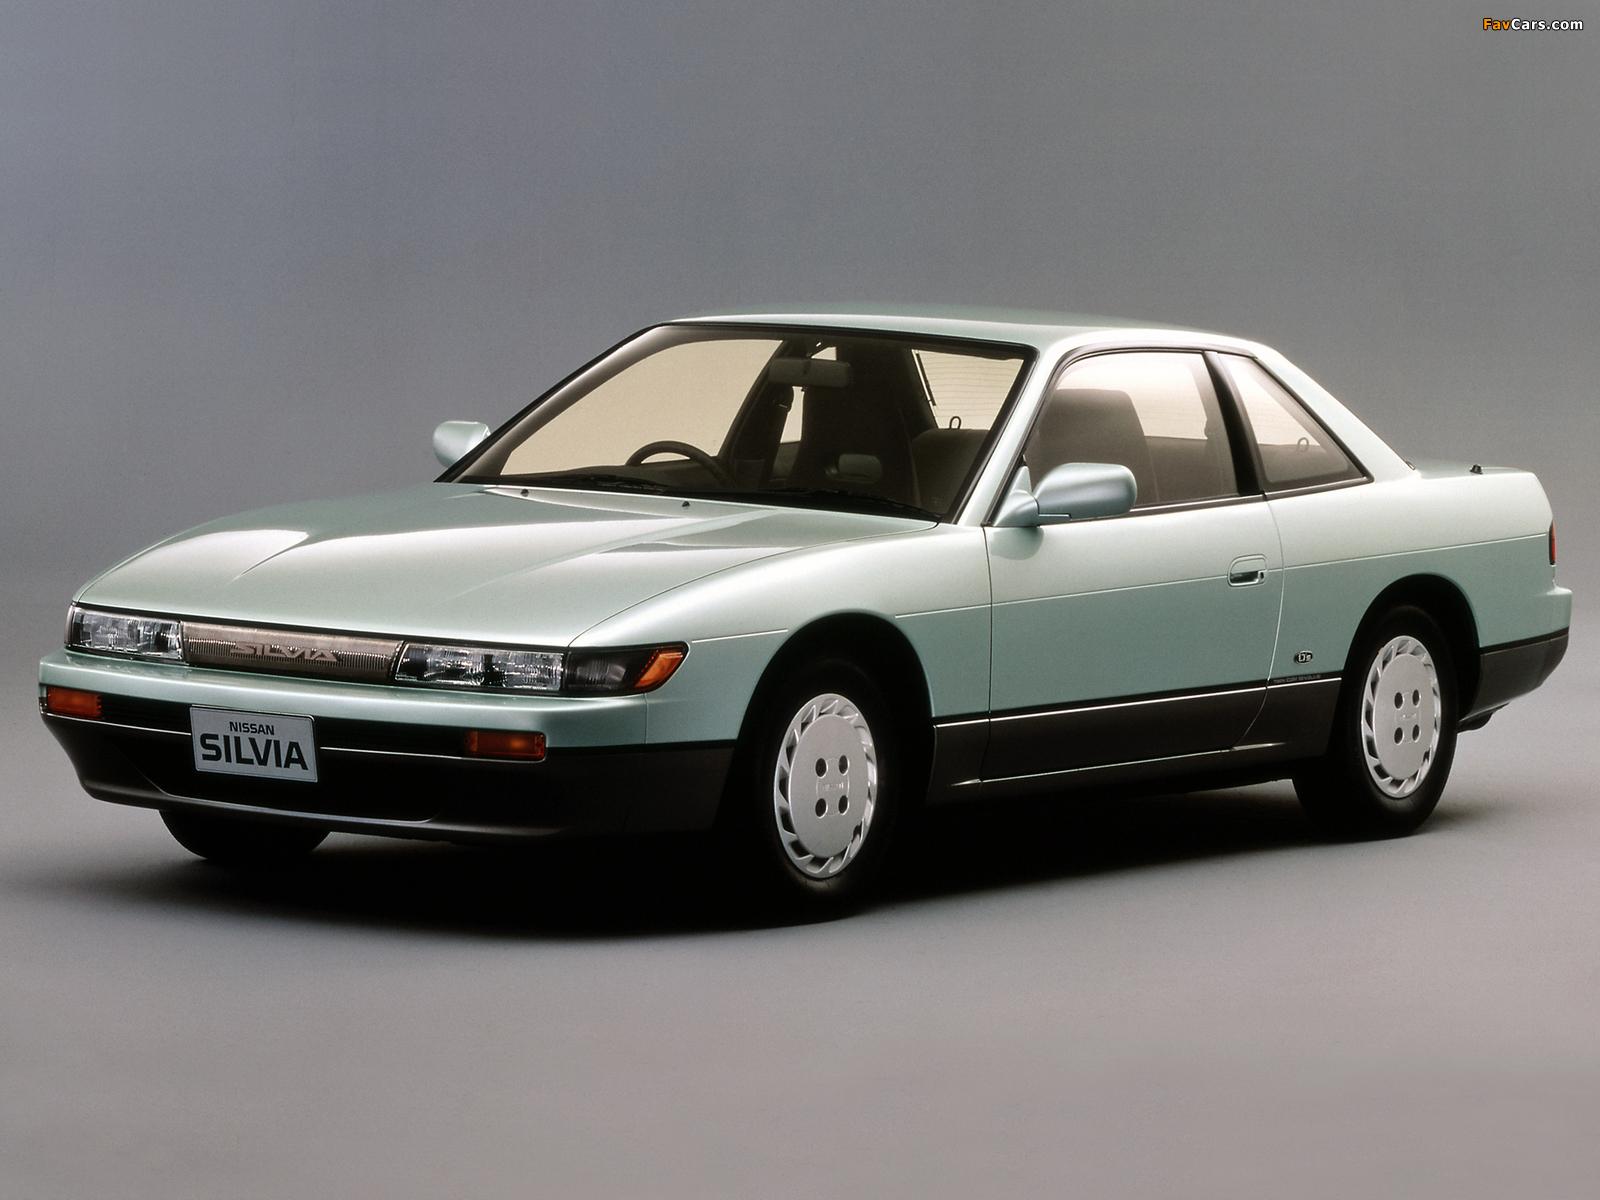 Nissan Silvia Qs (S13) 1988–93 photos (1600 x 1200)